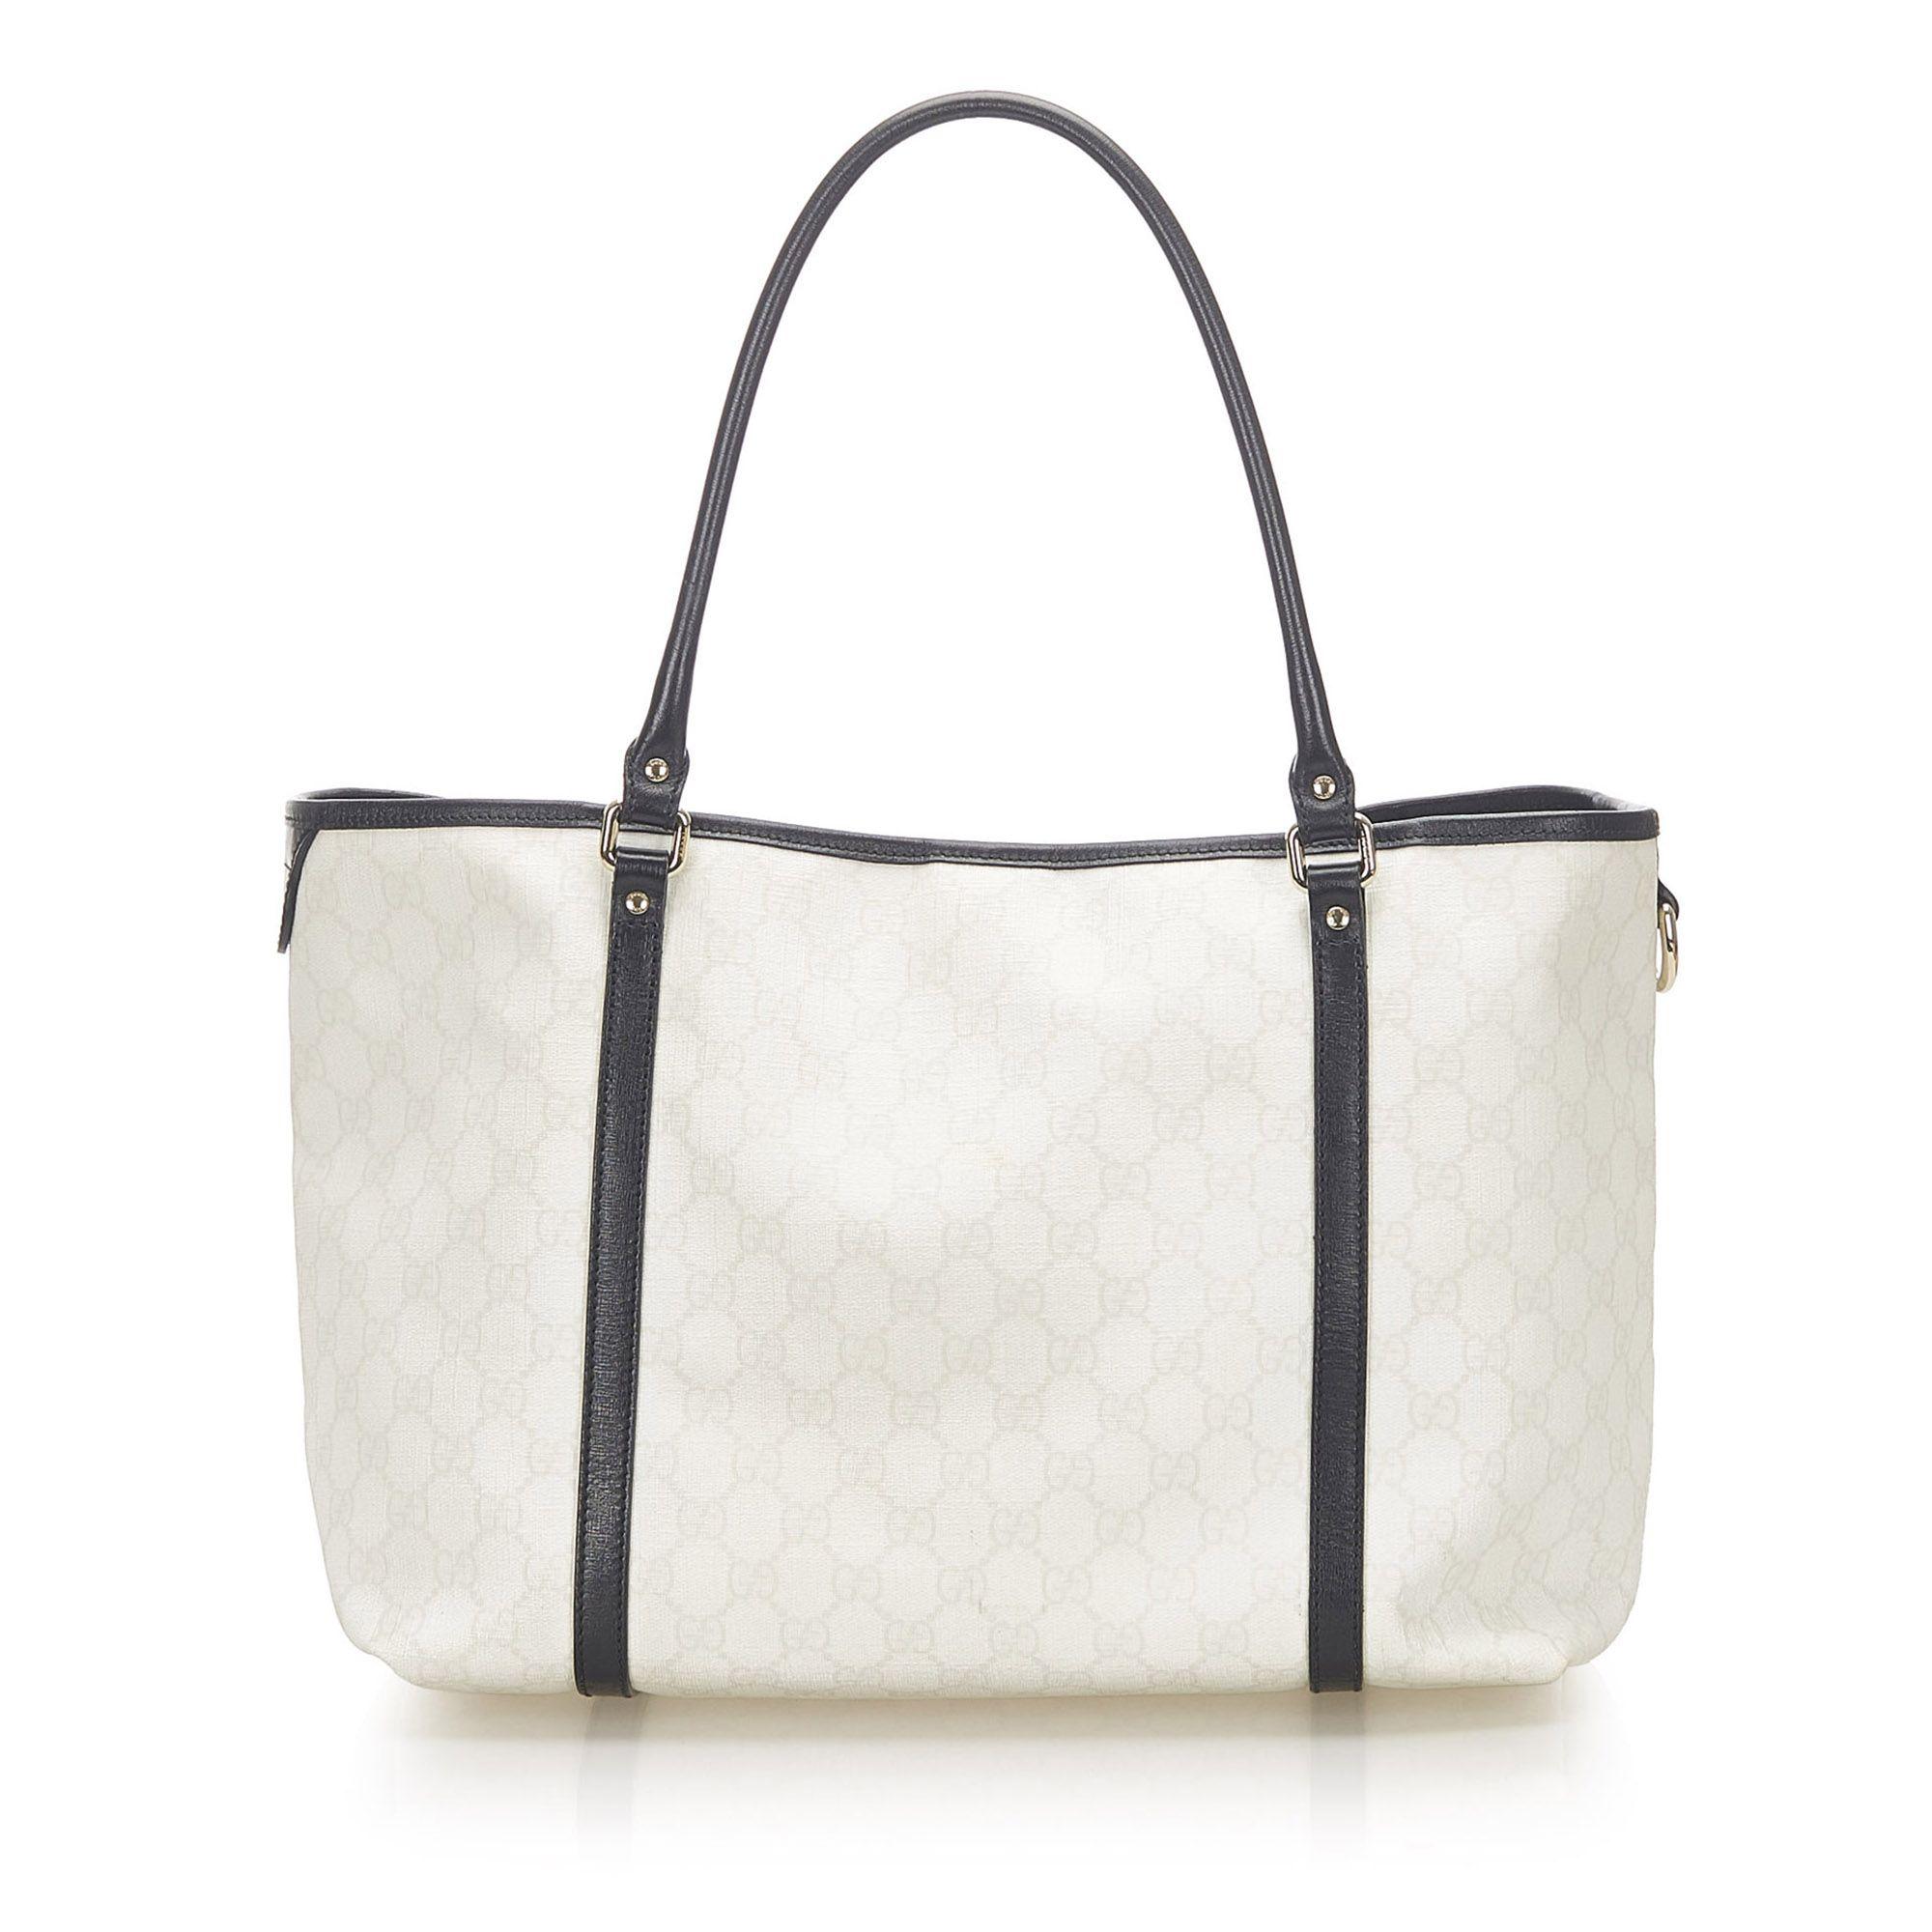 Vintage Gucci GG Supreme Joy Tote Bag White